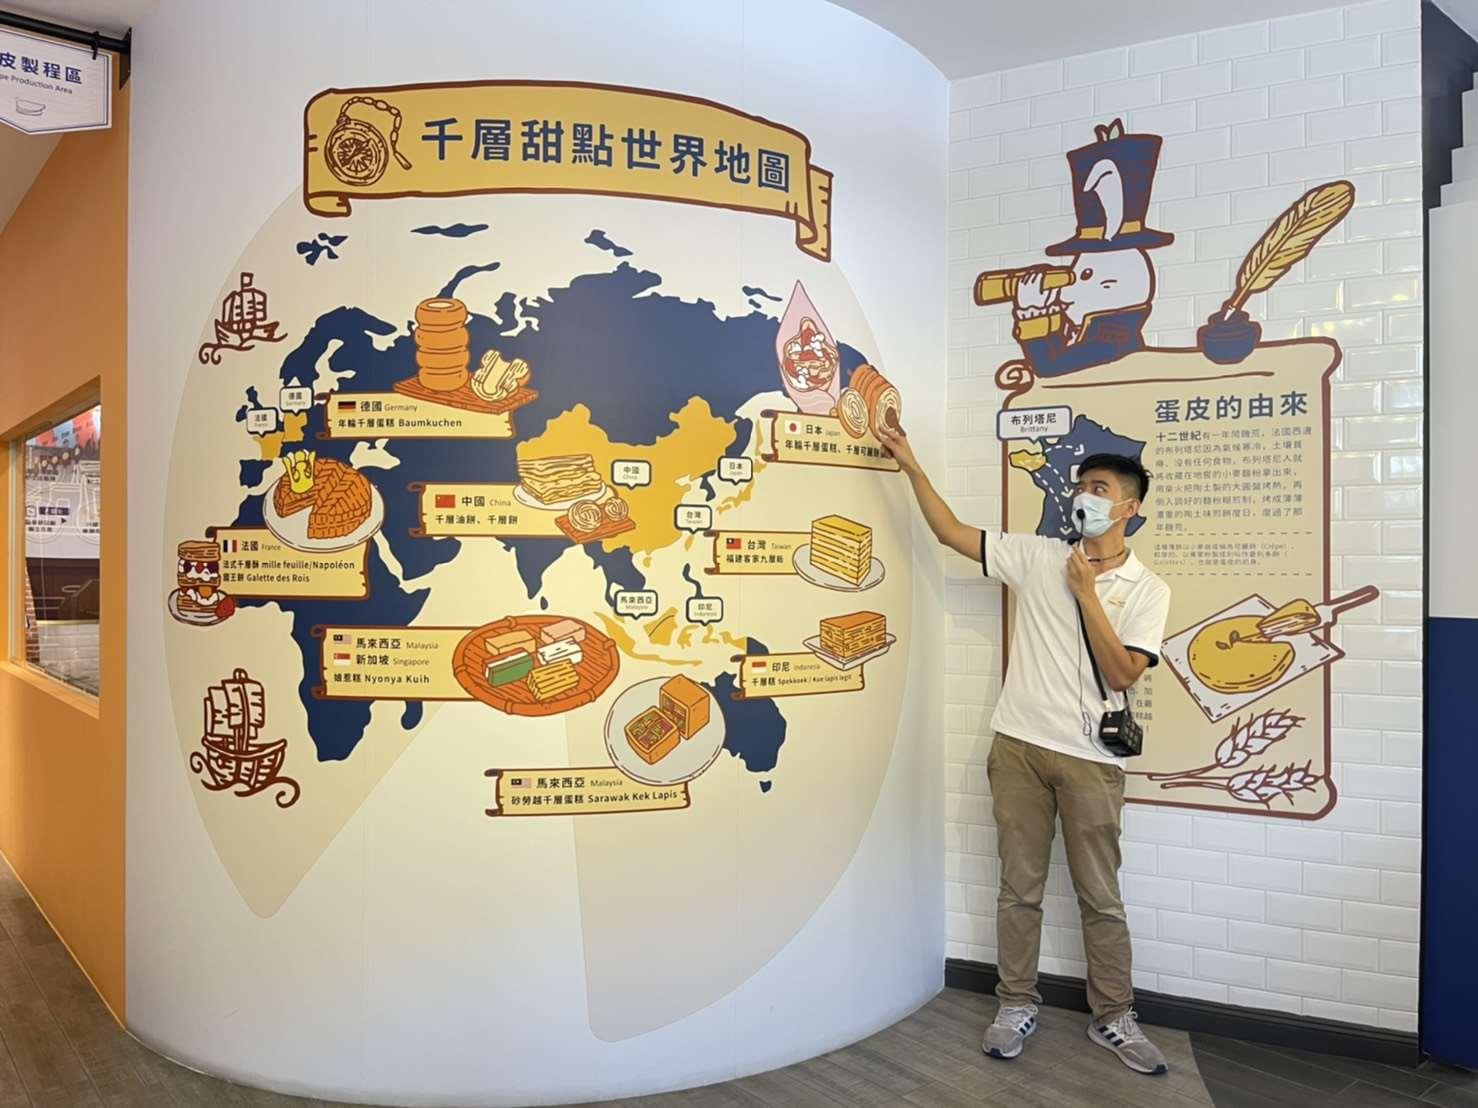 雲林縣政府重視觀光工廠,於今年輔導業者們成立雲林縣觀光工廠協會